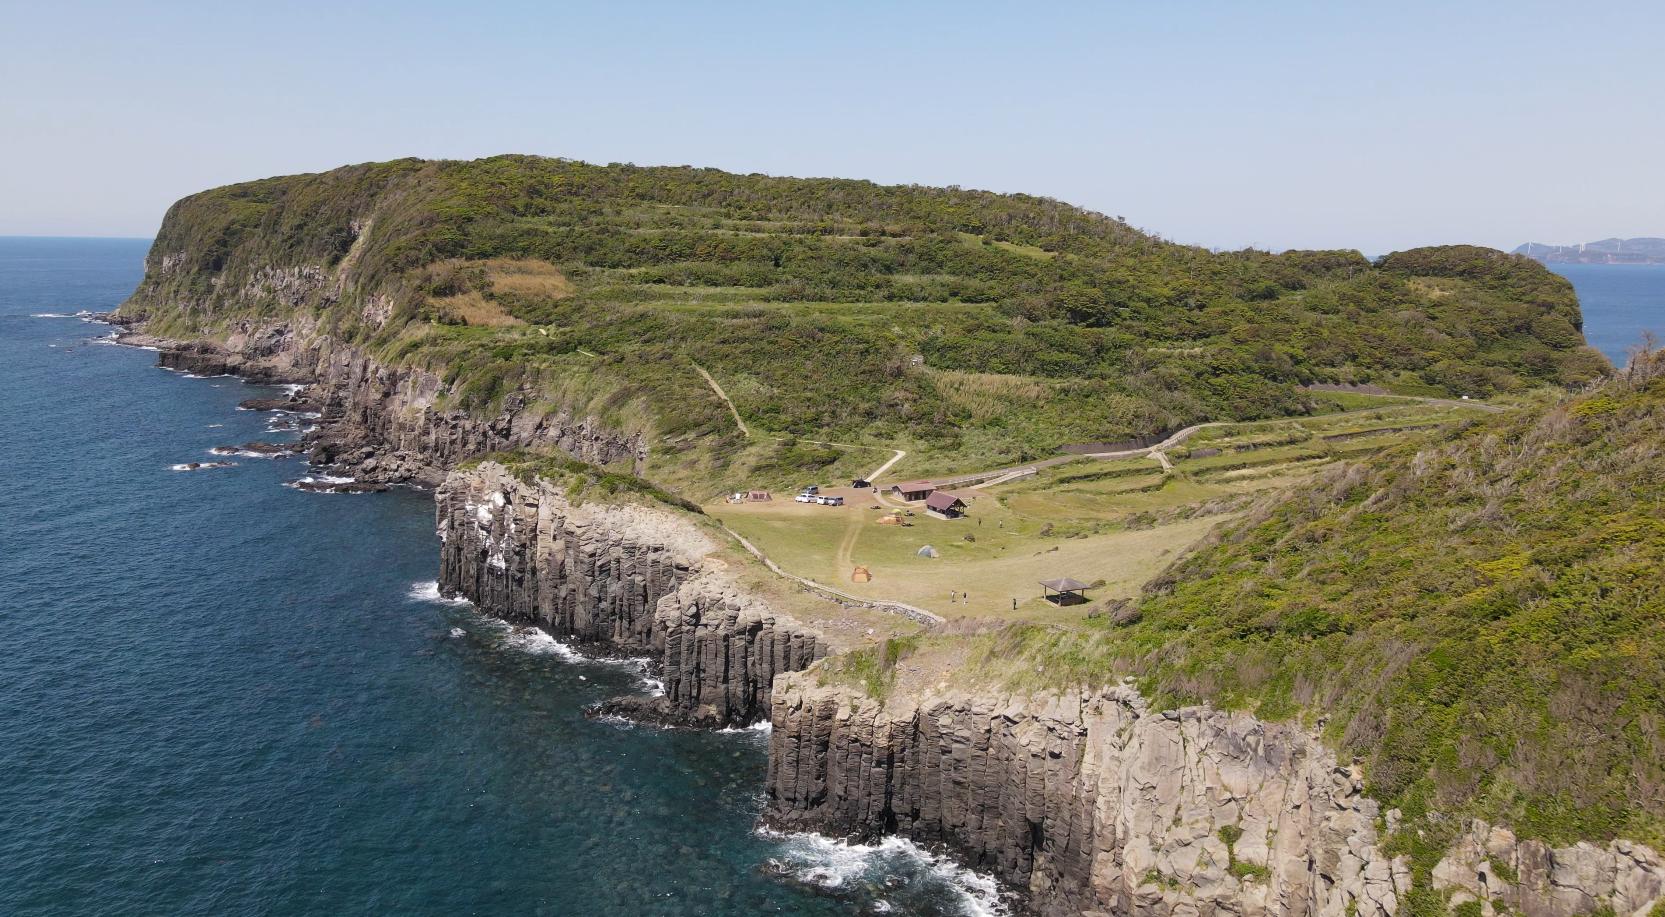 塩俵の断崖を手が届きそうな場所で見ることができるおすすめスポット-0